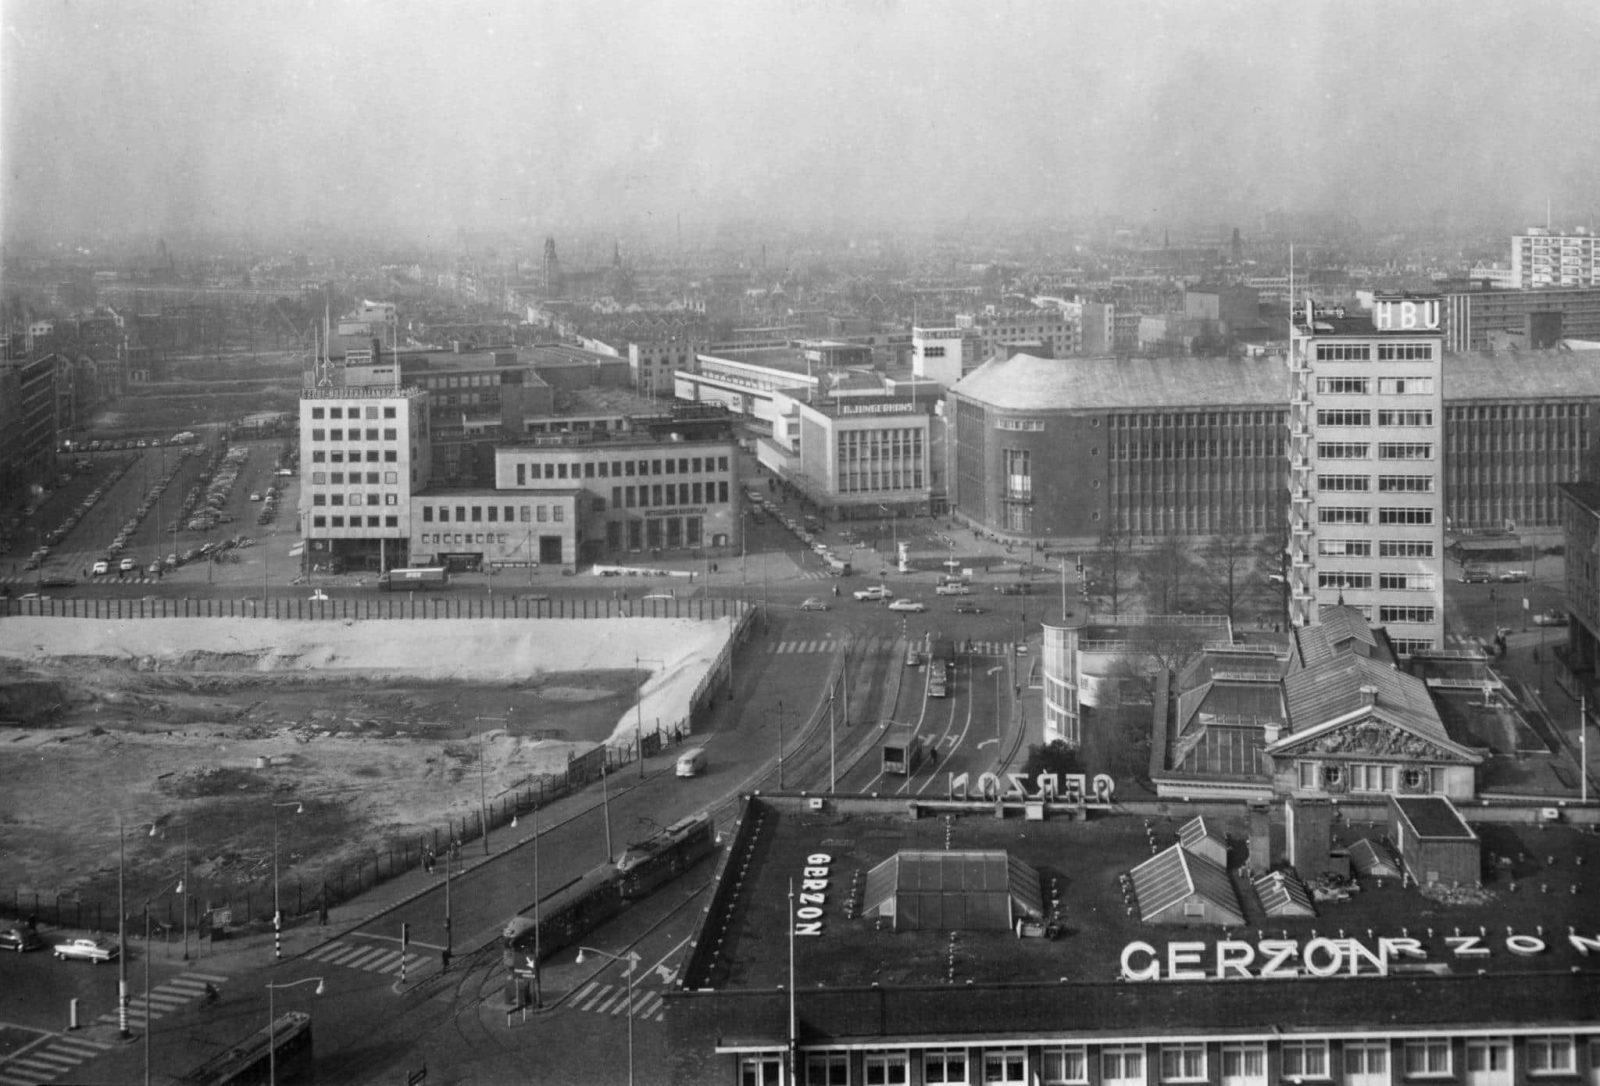 Rotterdamse Bank 2